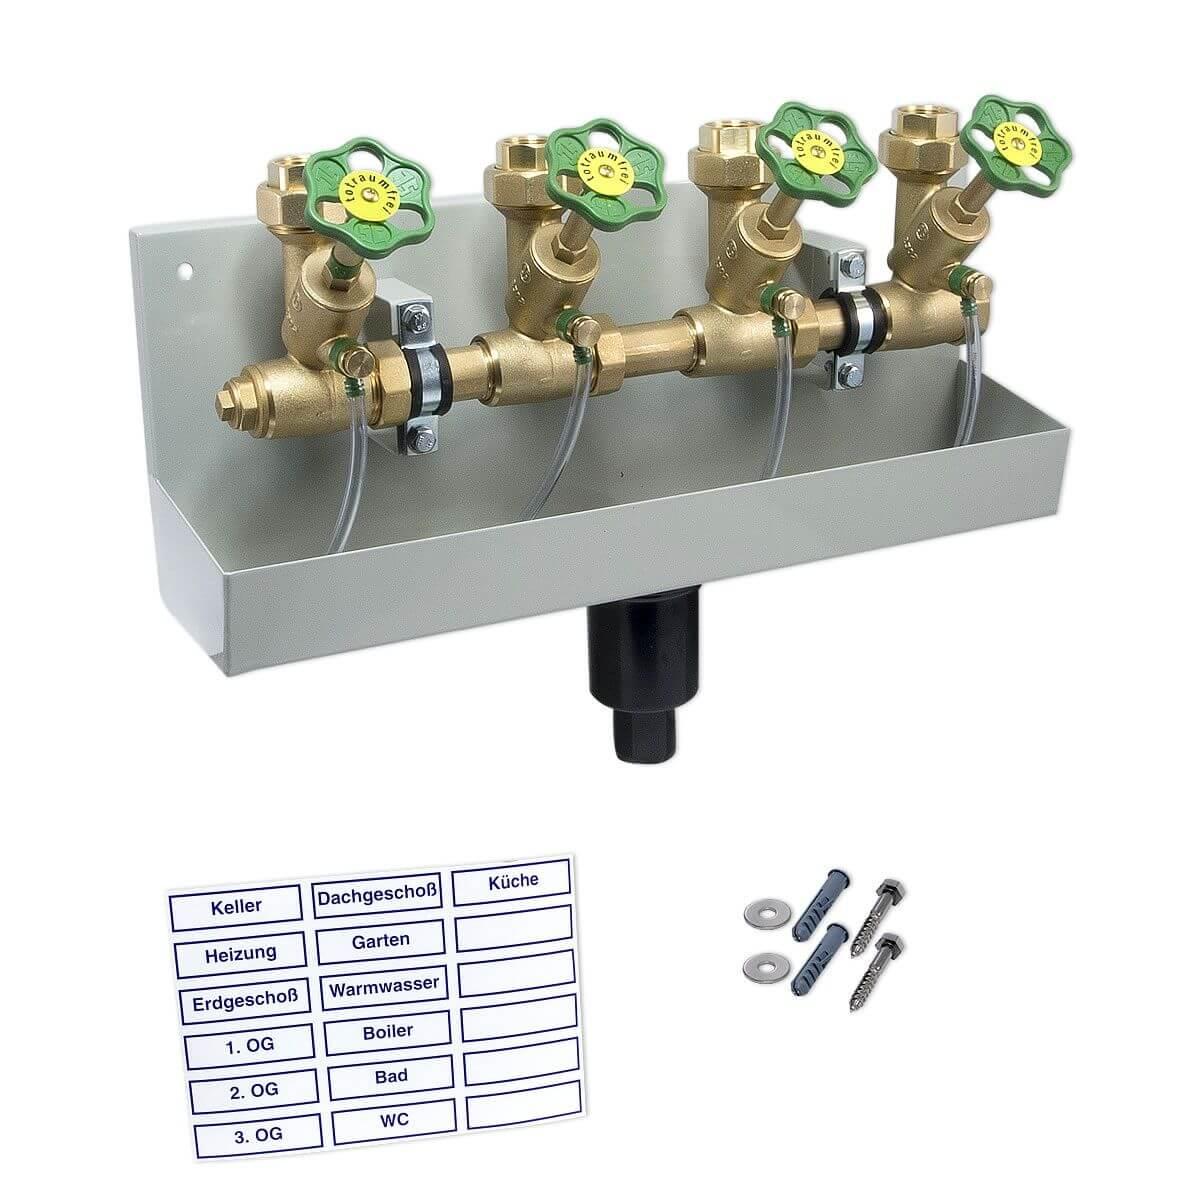 Gut bekannt Kompakt-Wasserverteiler, Zulauf 1'' mit 4 Abgängen TQ69